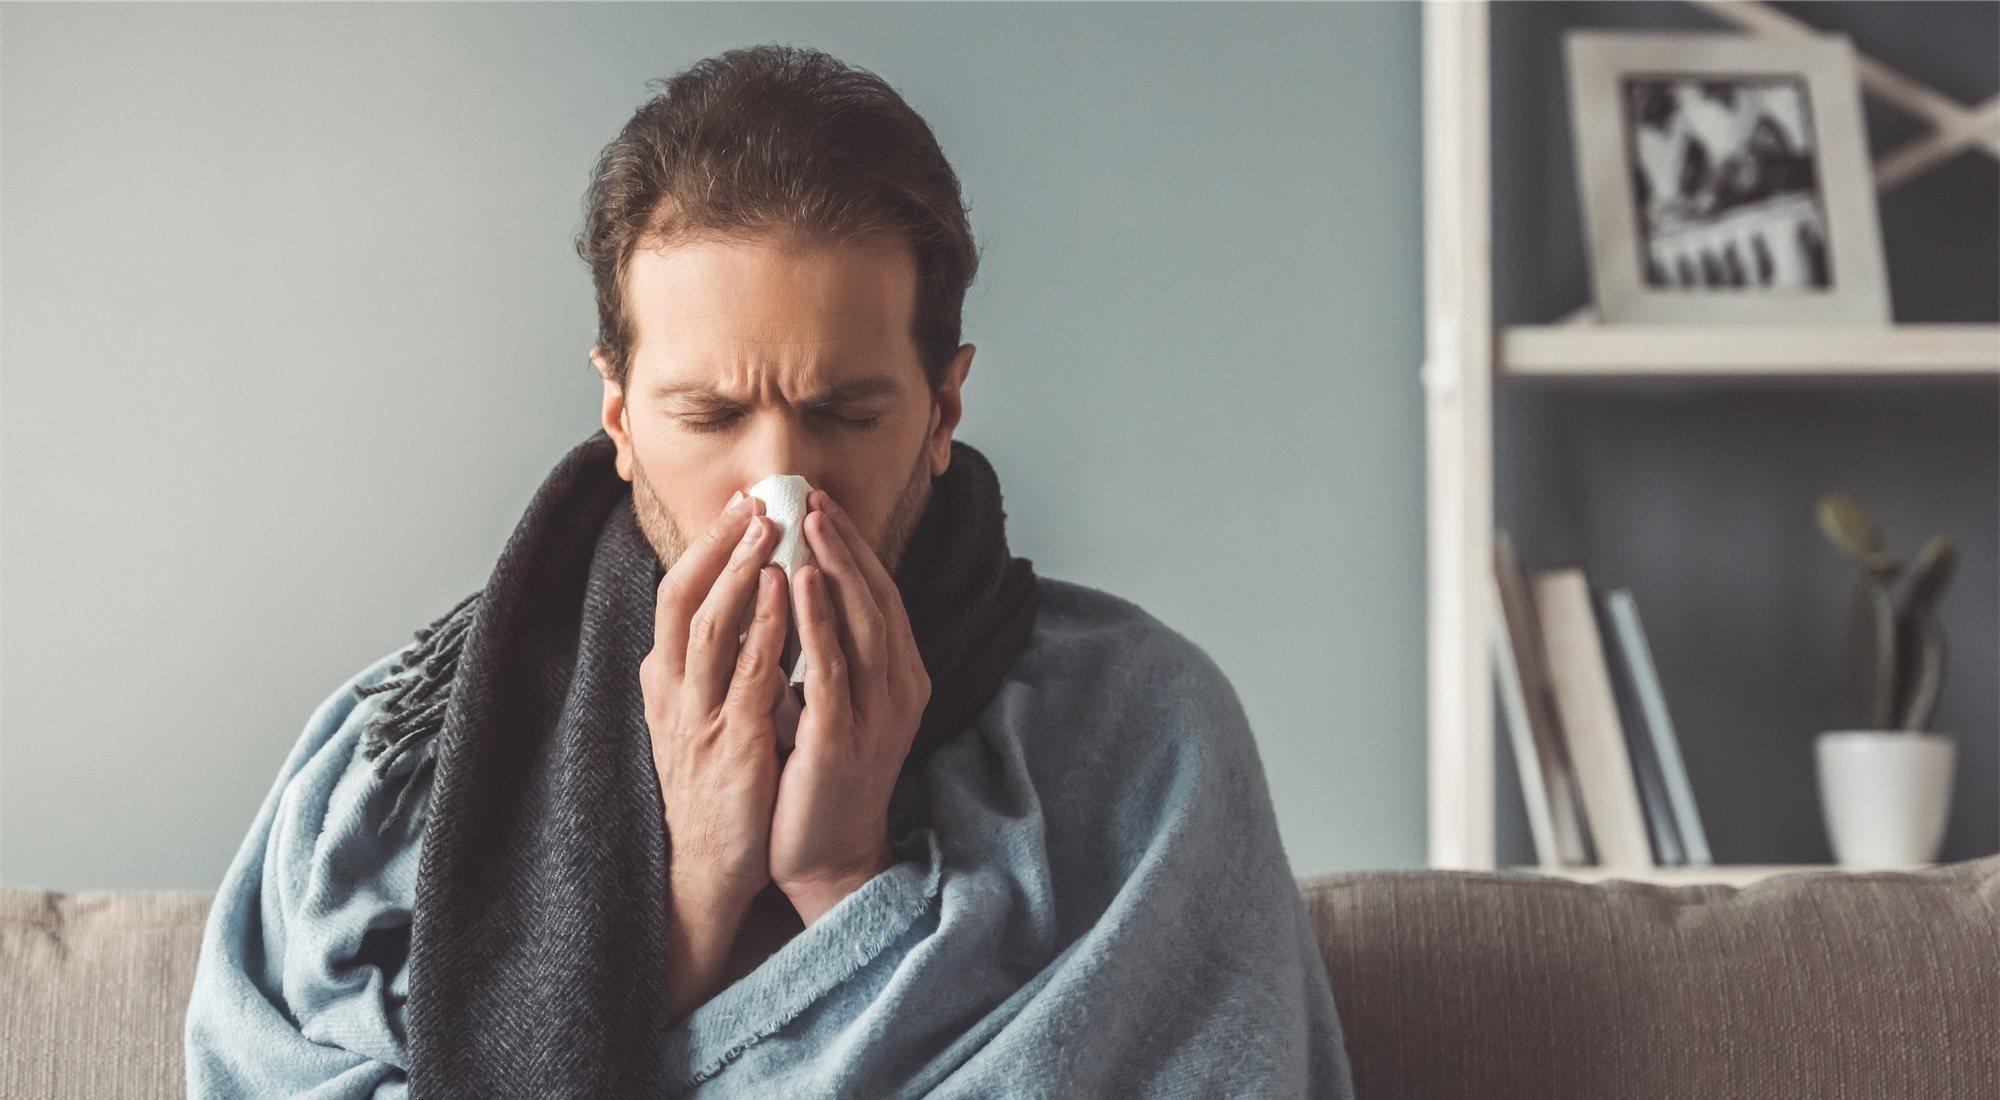 ¿Es aconsejable entrenar si estás resfriado?